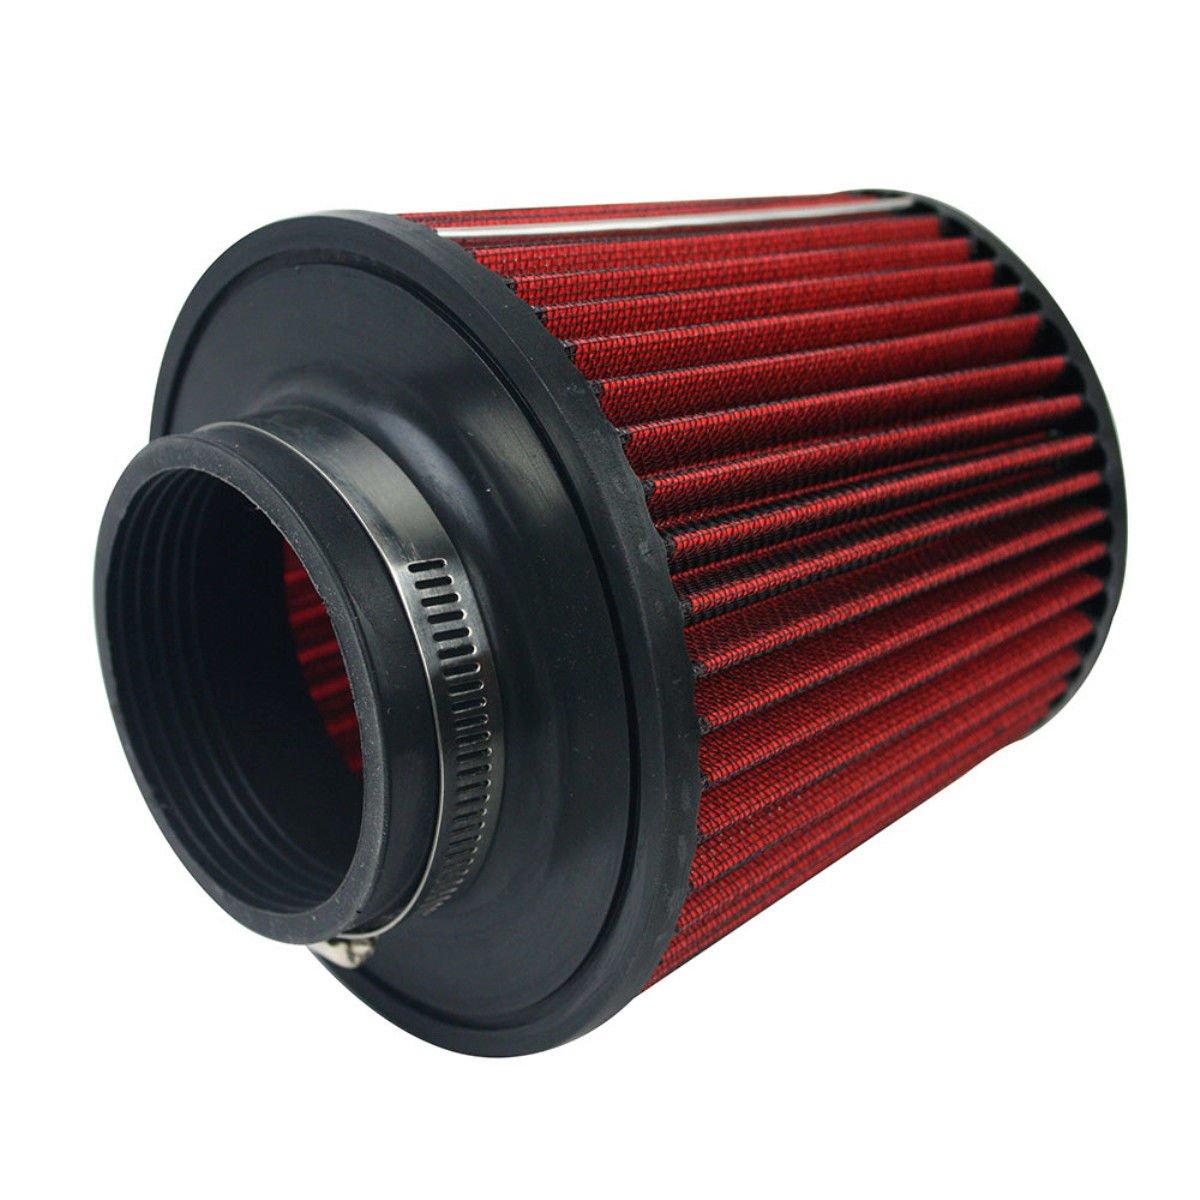 Auto filtro aria –  Maso universale performance filtro aria rosso per 76 mm 7, 6 cm aspirazione a induzione kit (39093) 6cm aspirazione a induzione kit (39093)